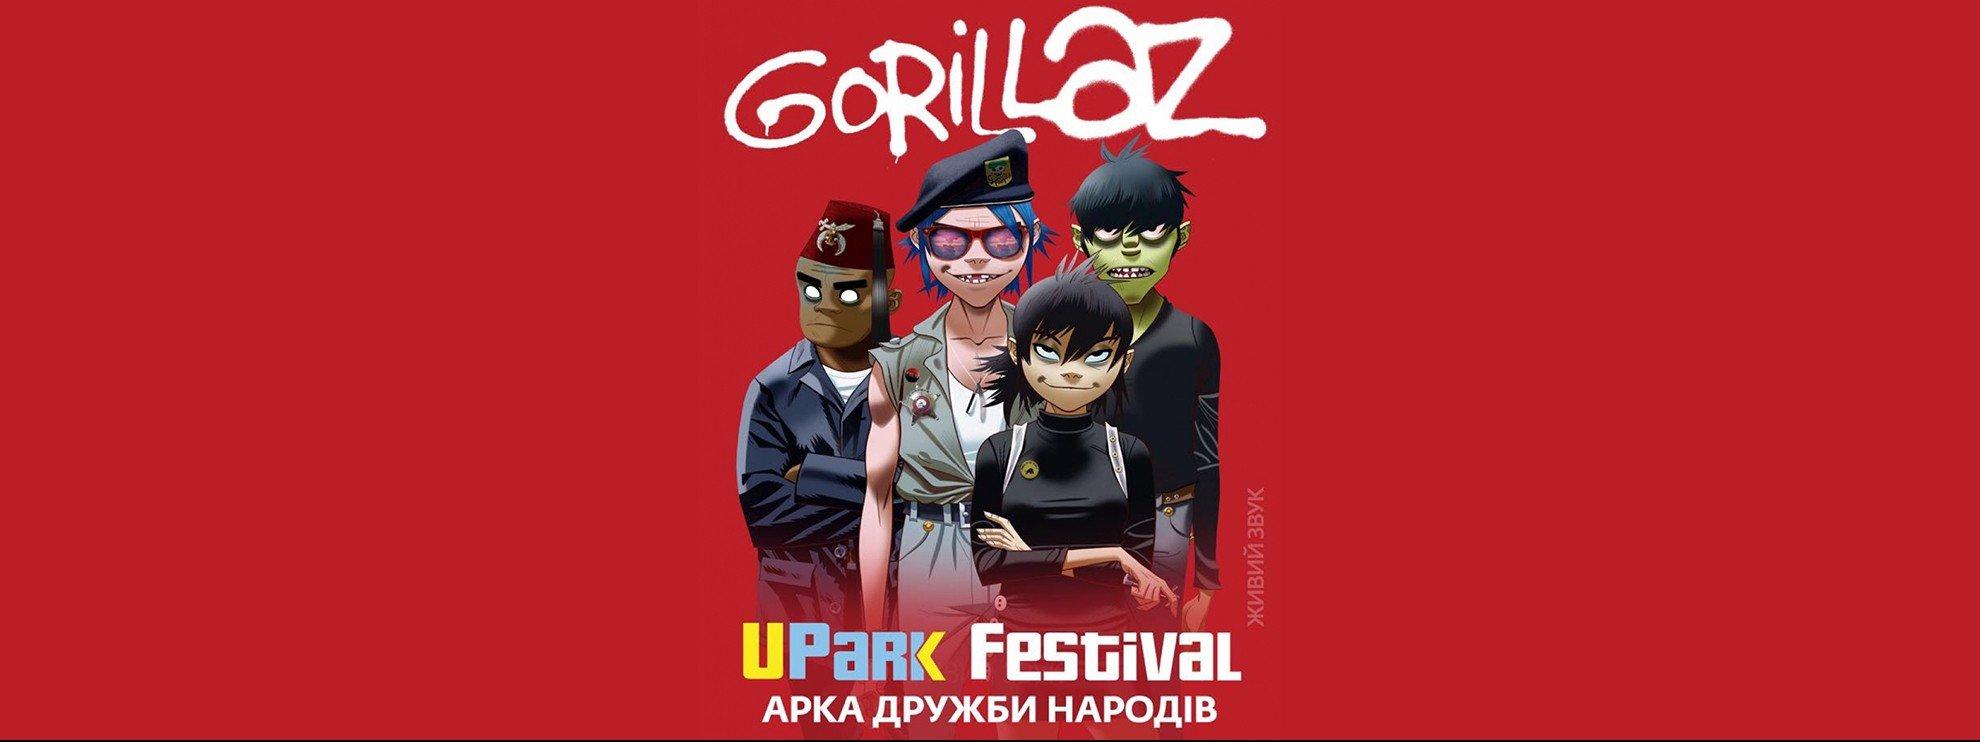 событие UPARK FESTIVAL 2018 (GORILLAZ) (Юпарк Фестиваль 2018 (Гориллаз))